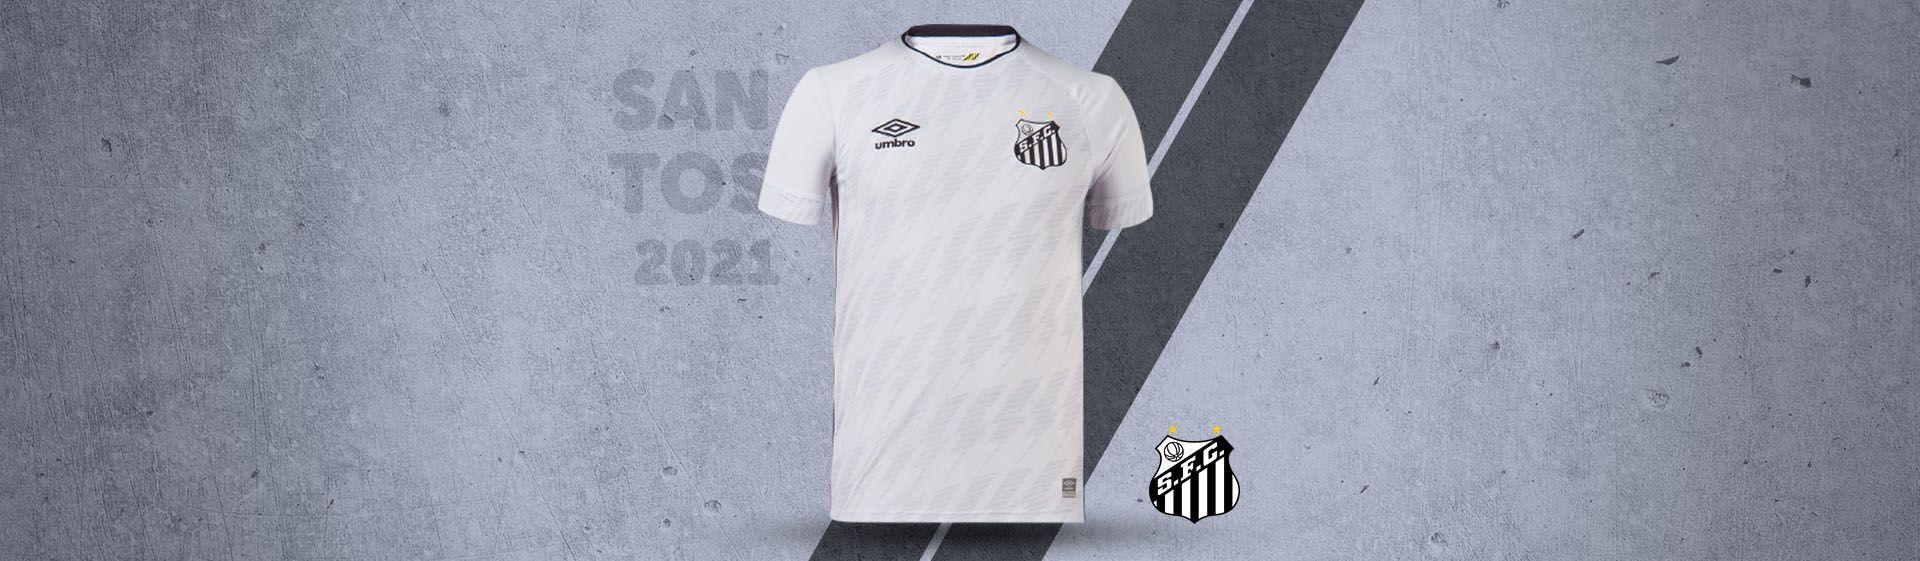 Camisa do Santos: camisas do Santos para comprar em 2021